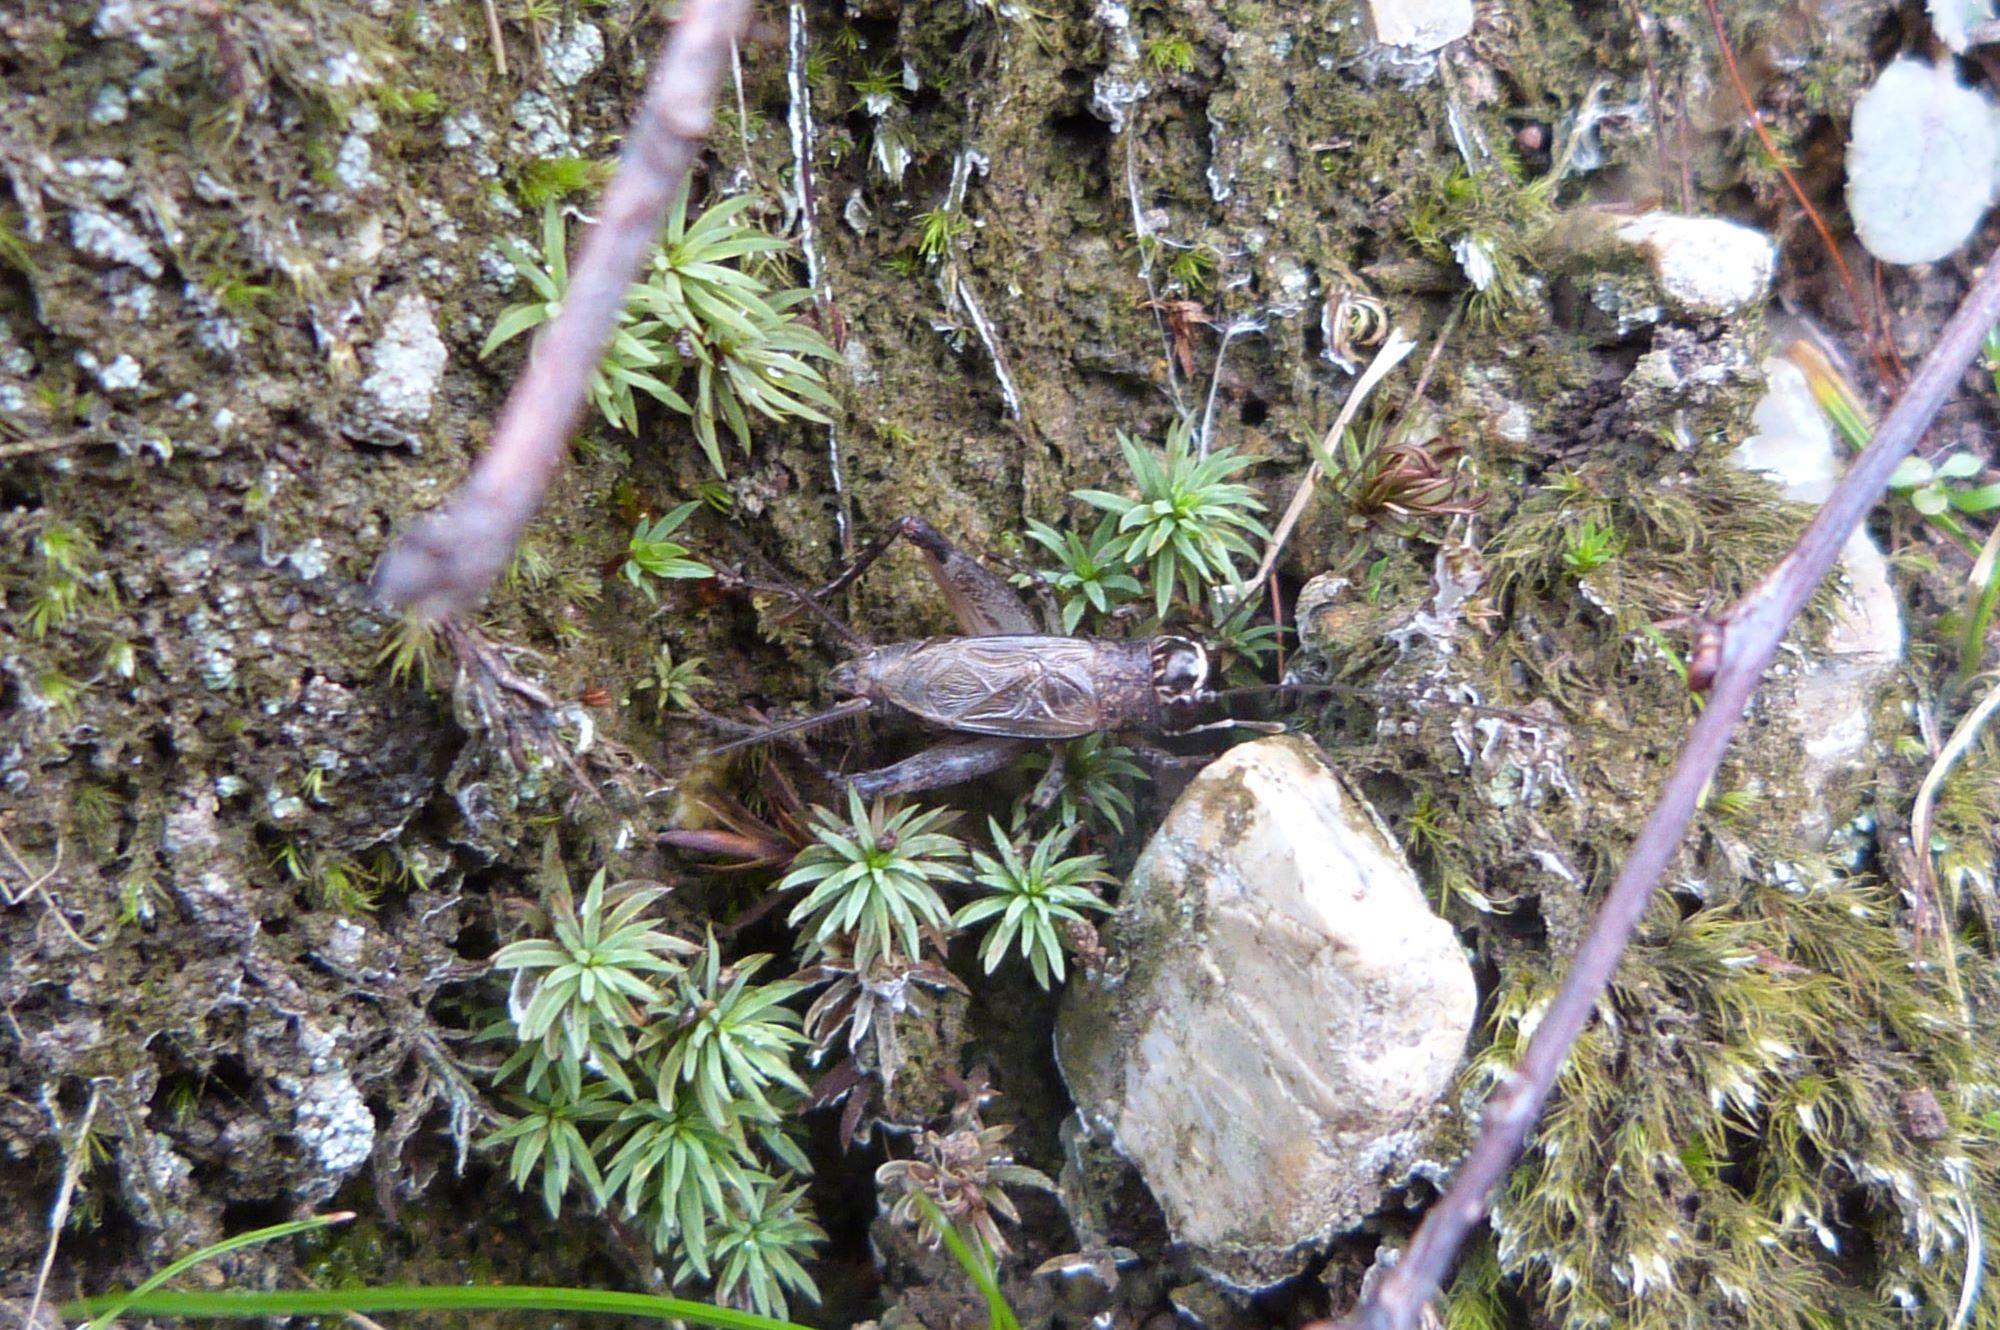 モリオカメコオロギ